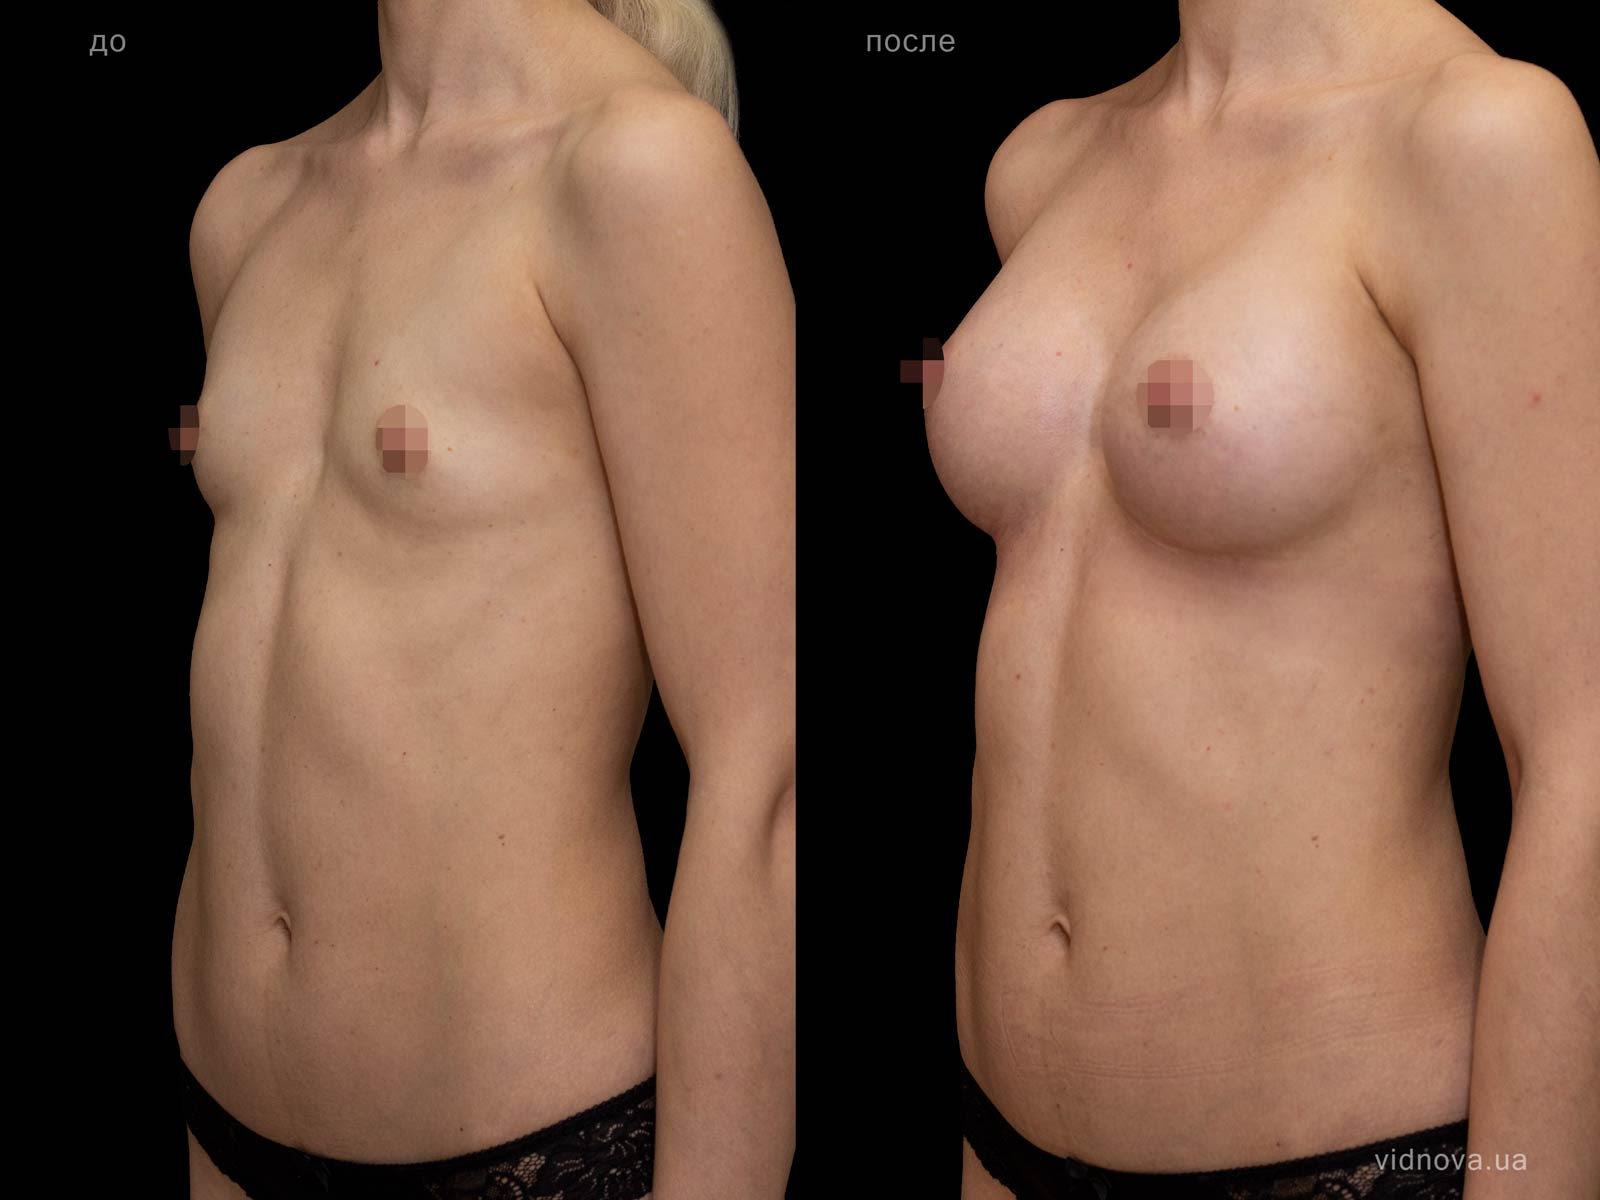 Пластика груди: результаты до и после - Пример №106-1 - Светлана Работенко